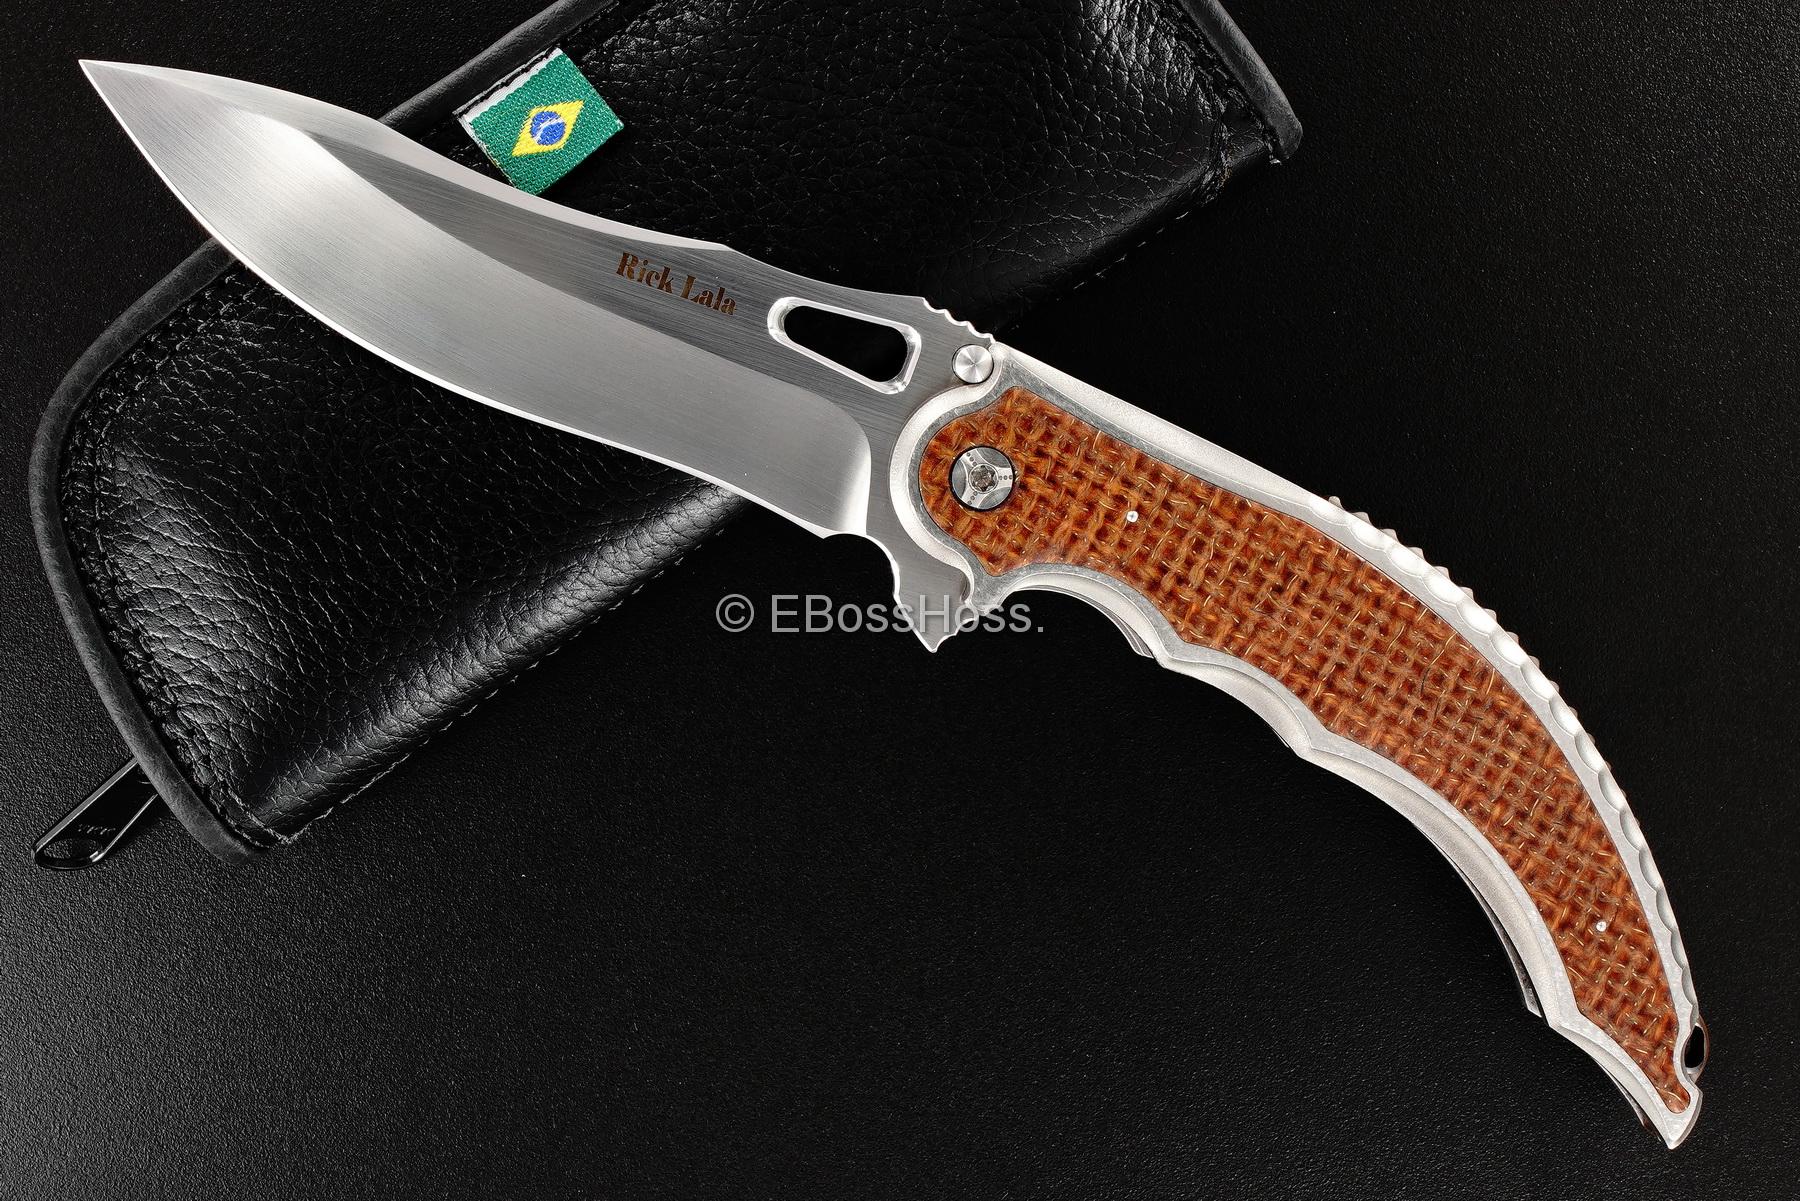 Rick Lala (Korth Cutlery) Custom Reptilian Flipper